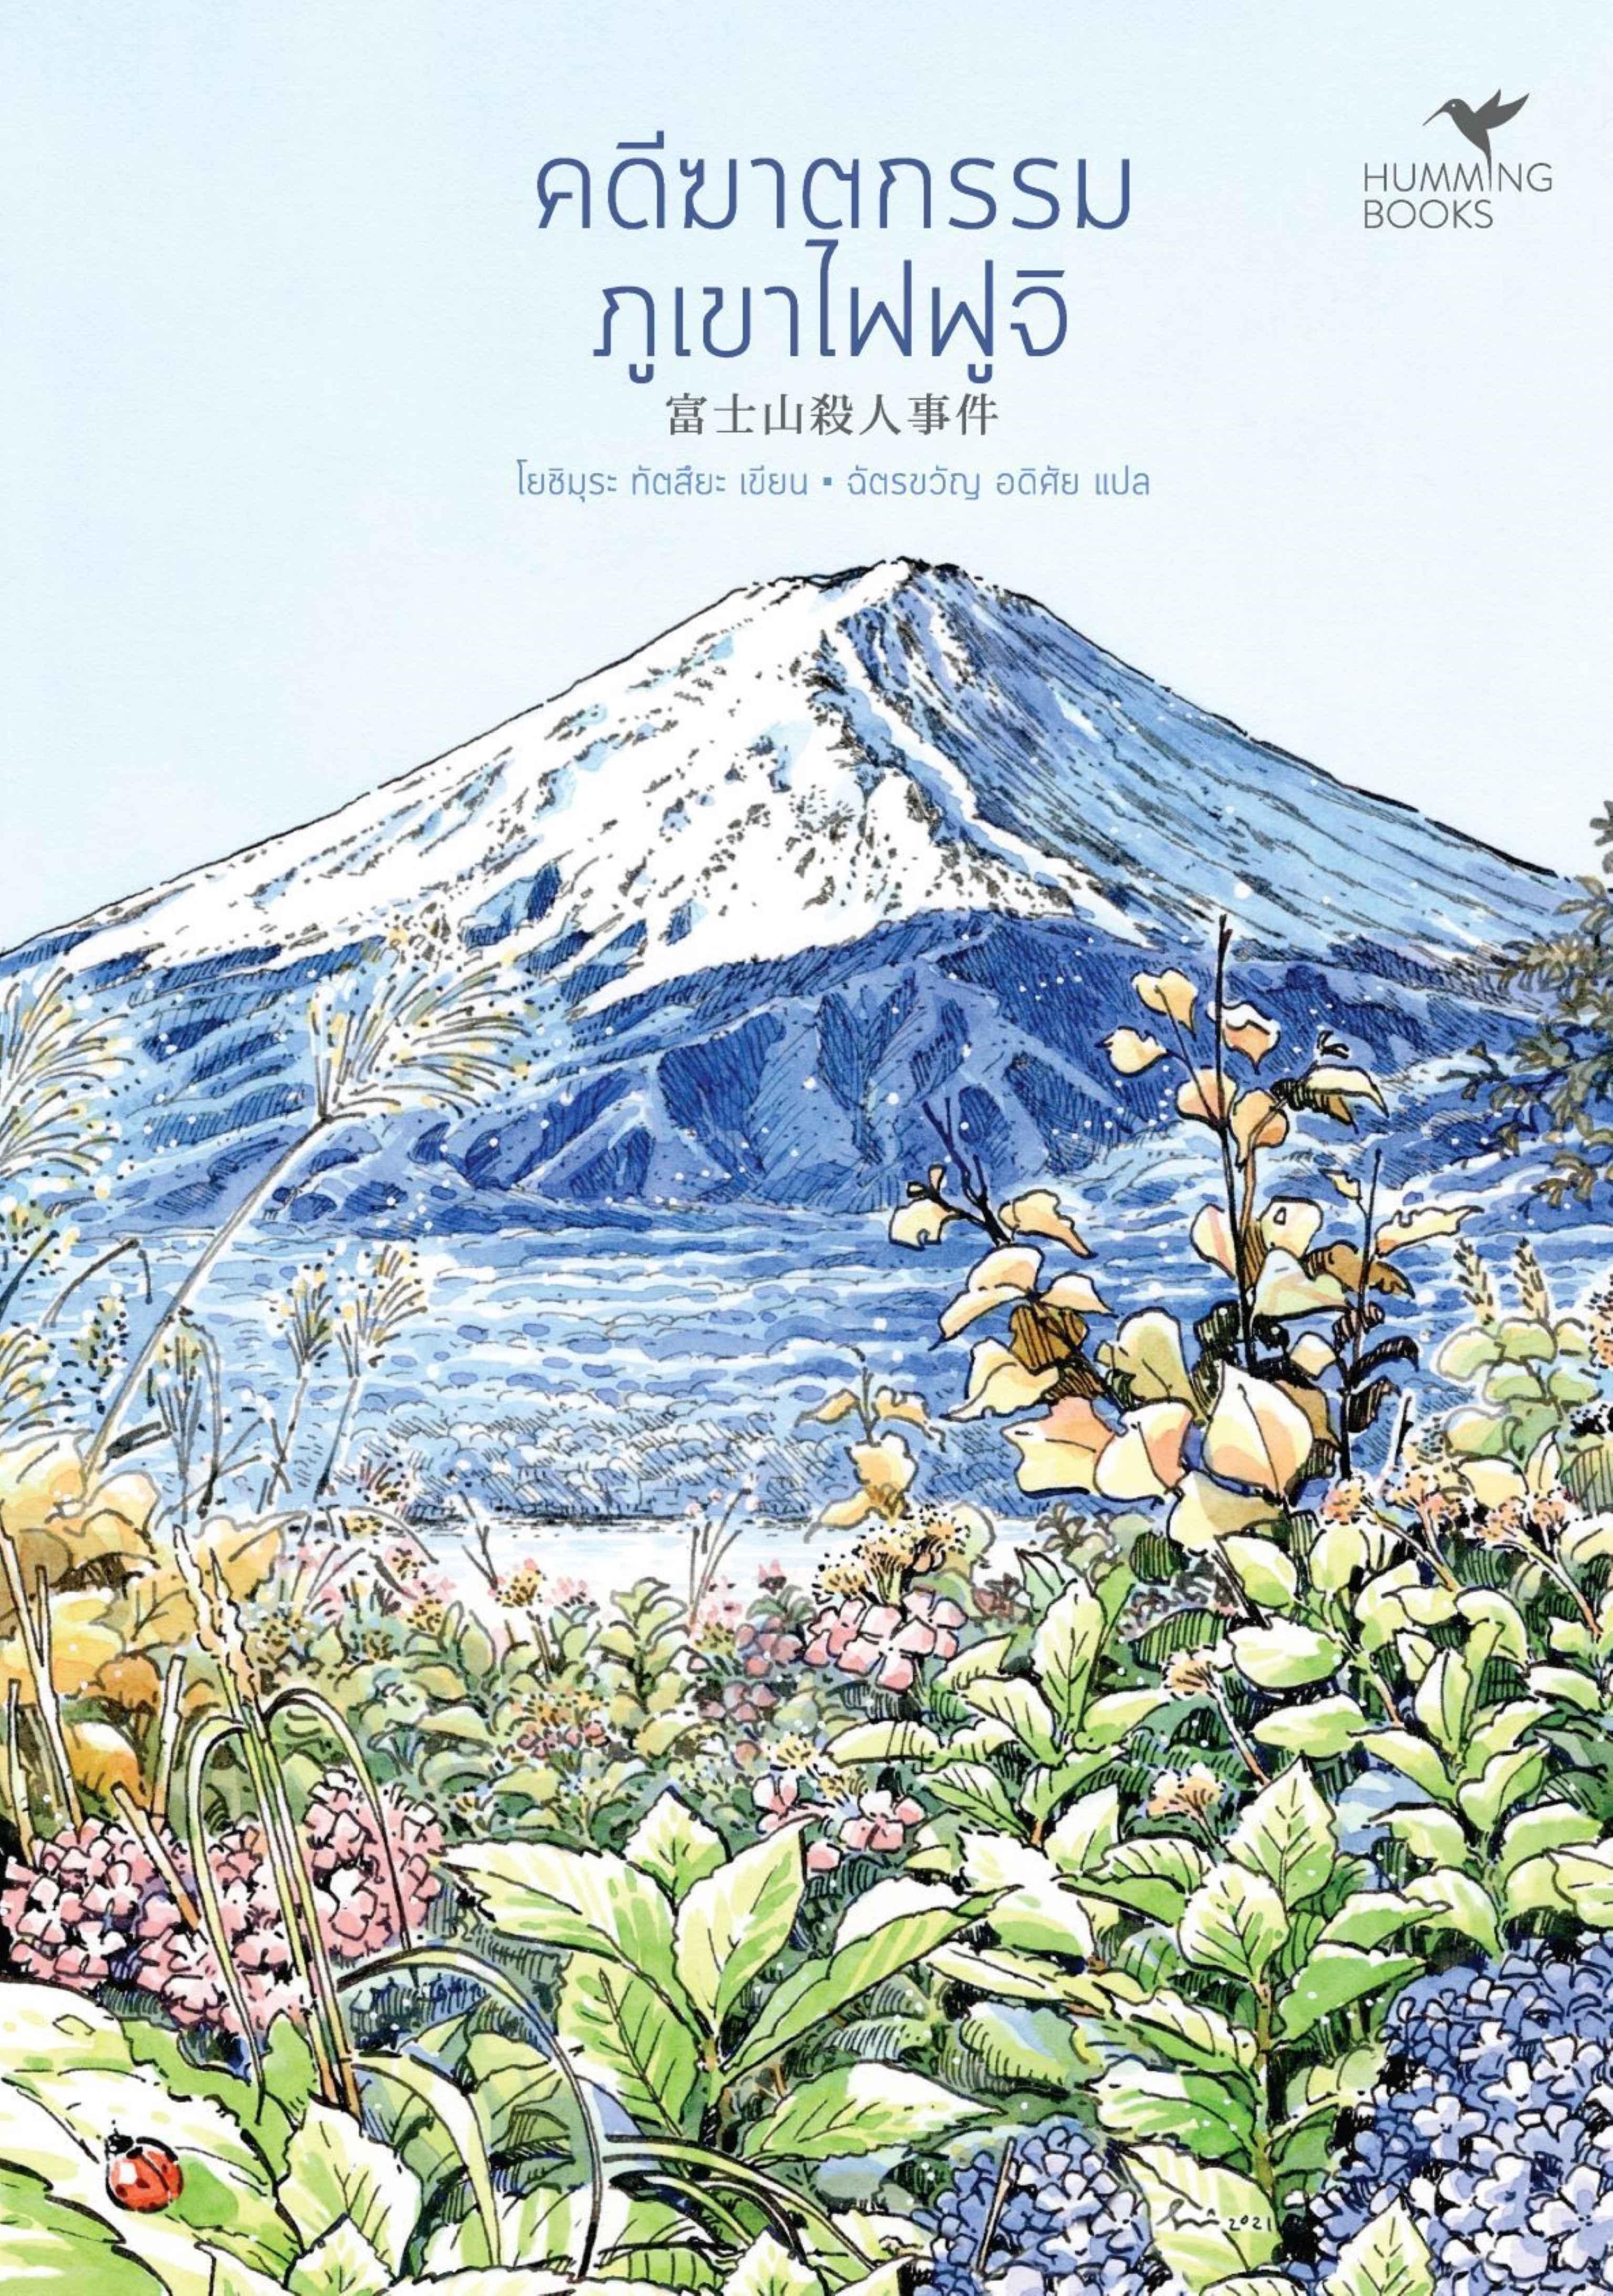 คดีฆาตกรรมภูเขาไฟฟูจิ 富士山殺人事件 / โยชิมุระ ทัตสึยะ เขียน / ฉัตรขวัญ อดิศัย แปล / Hummingbooks